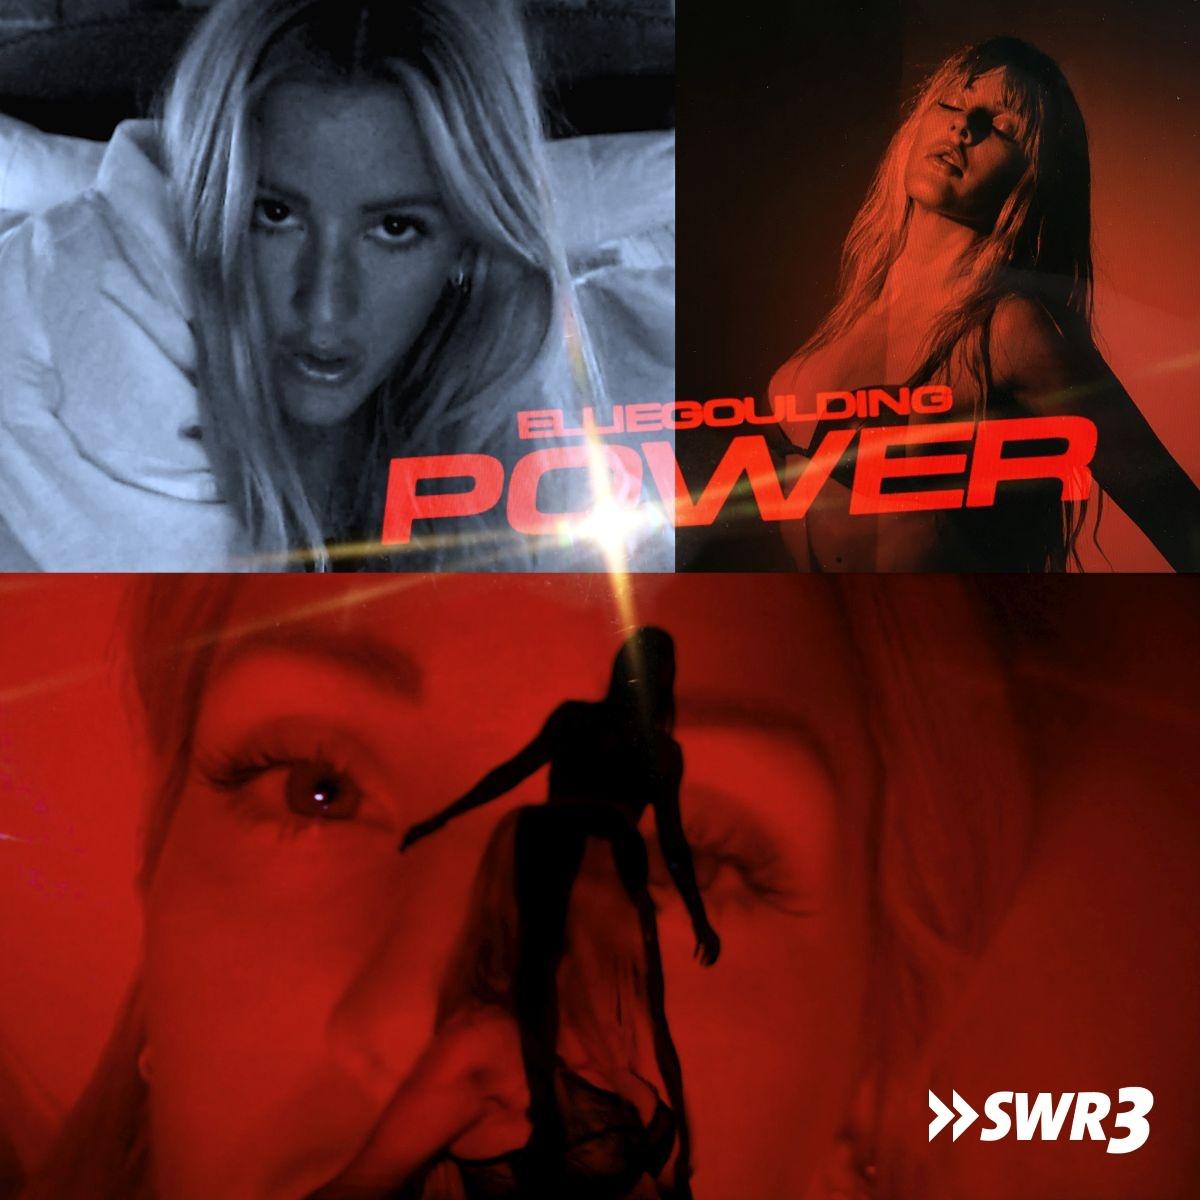 Power (Foto: Ellie Goulding)